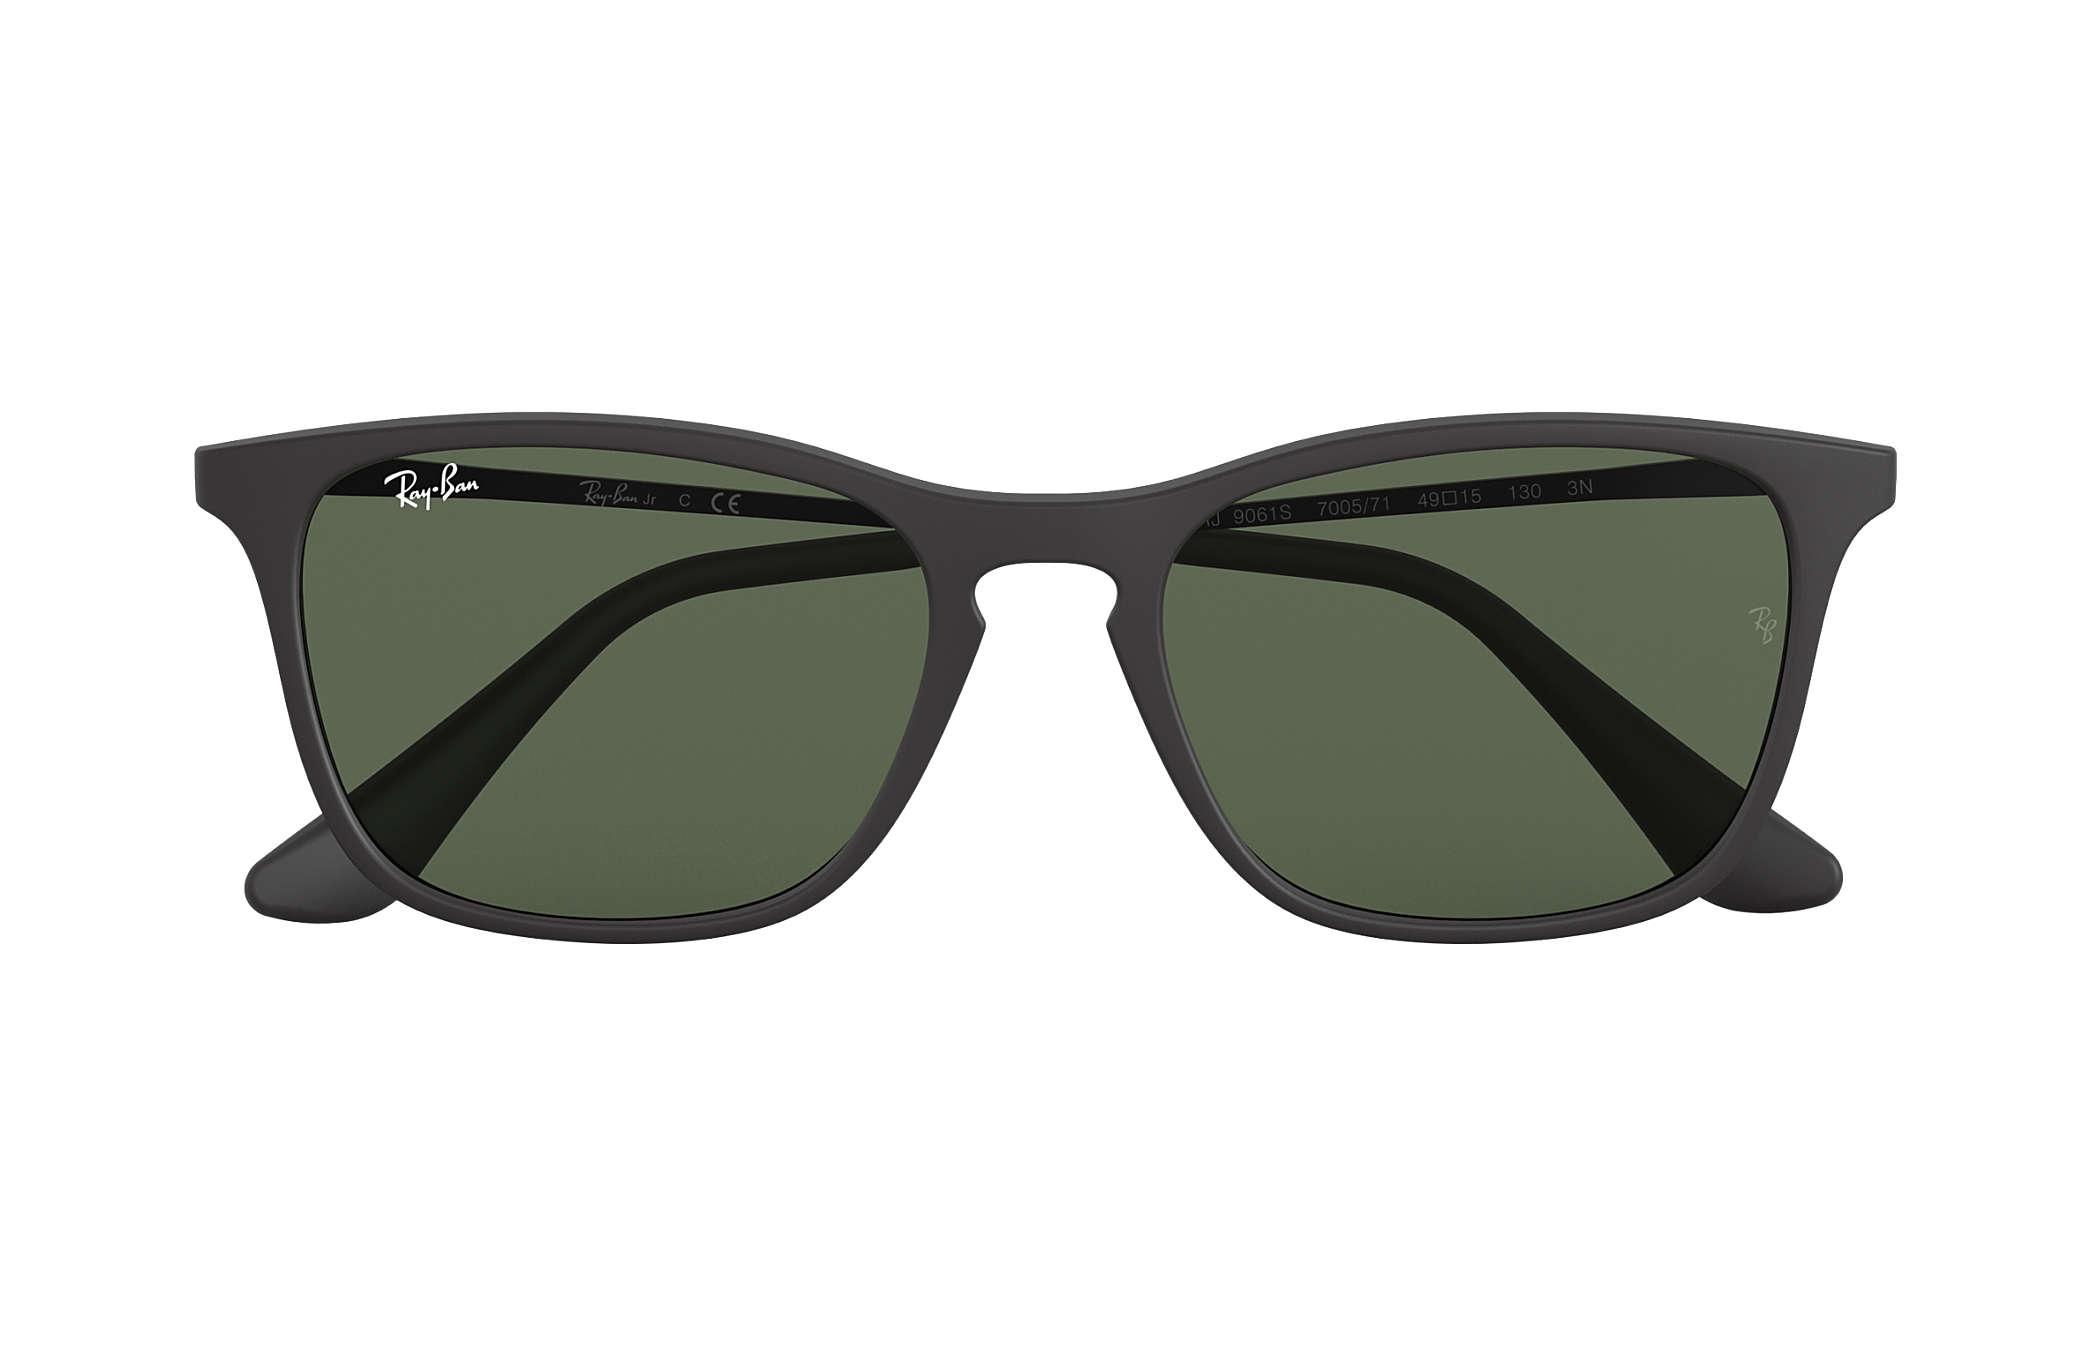 84b0562351006 Ray-Ban Chris Junior RB9061S Black - Nylon - Green Lenses ...